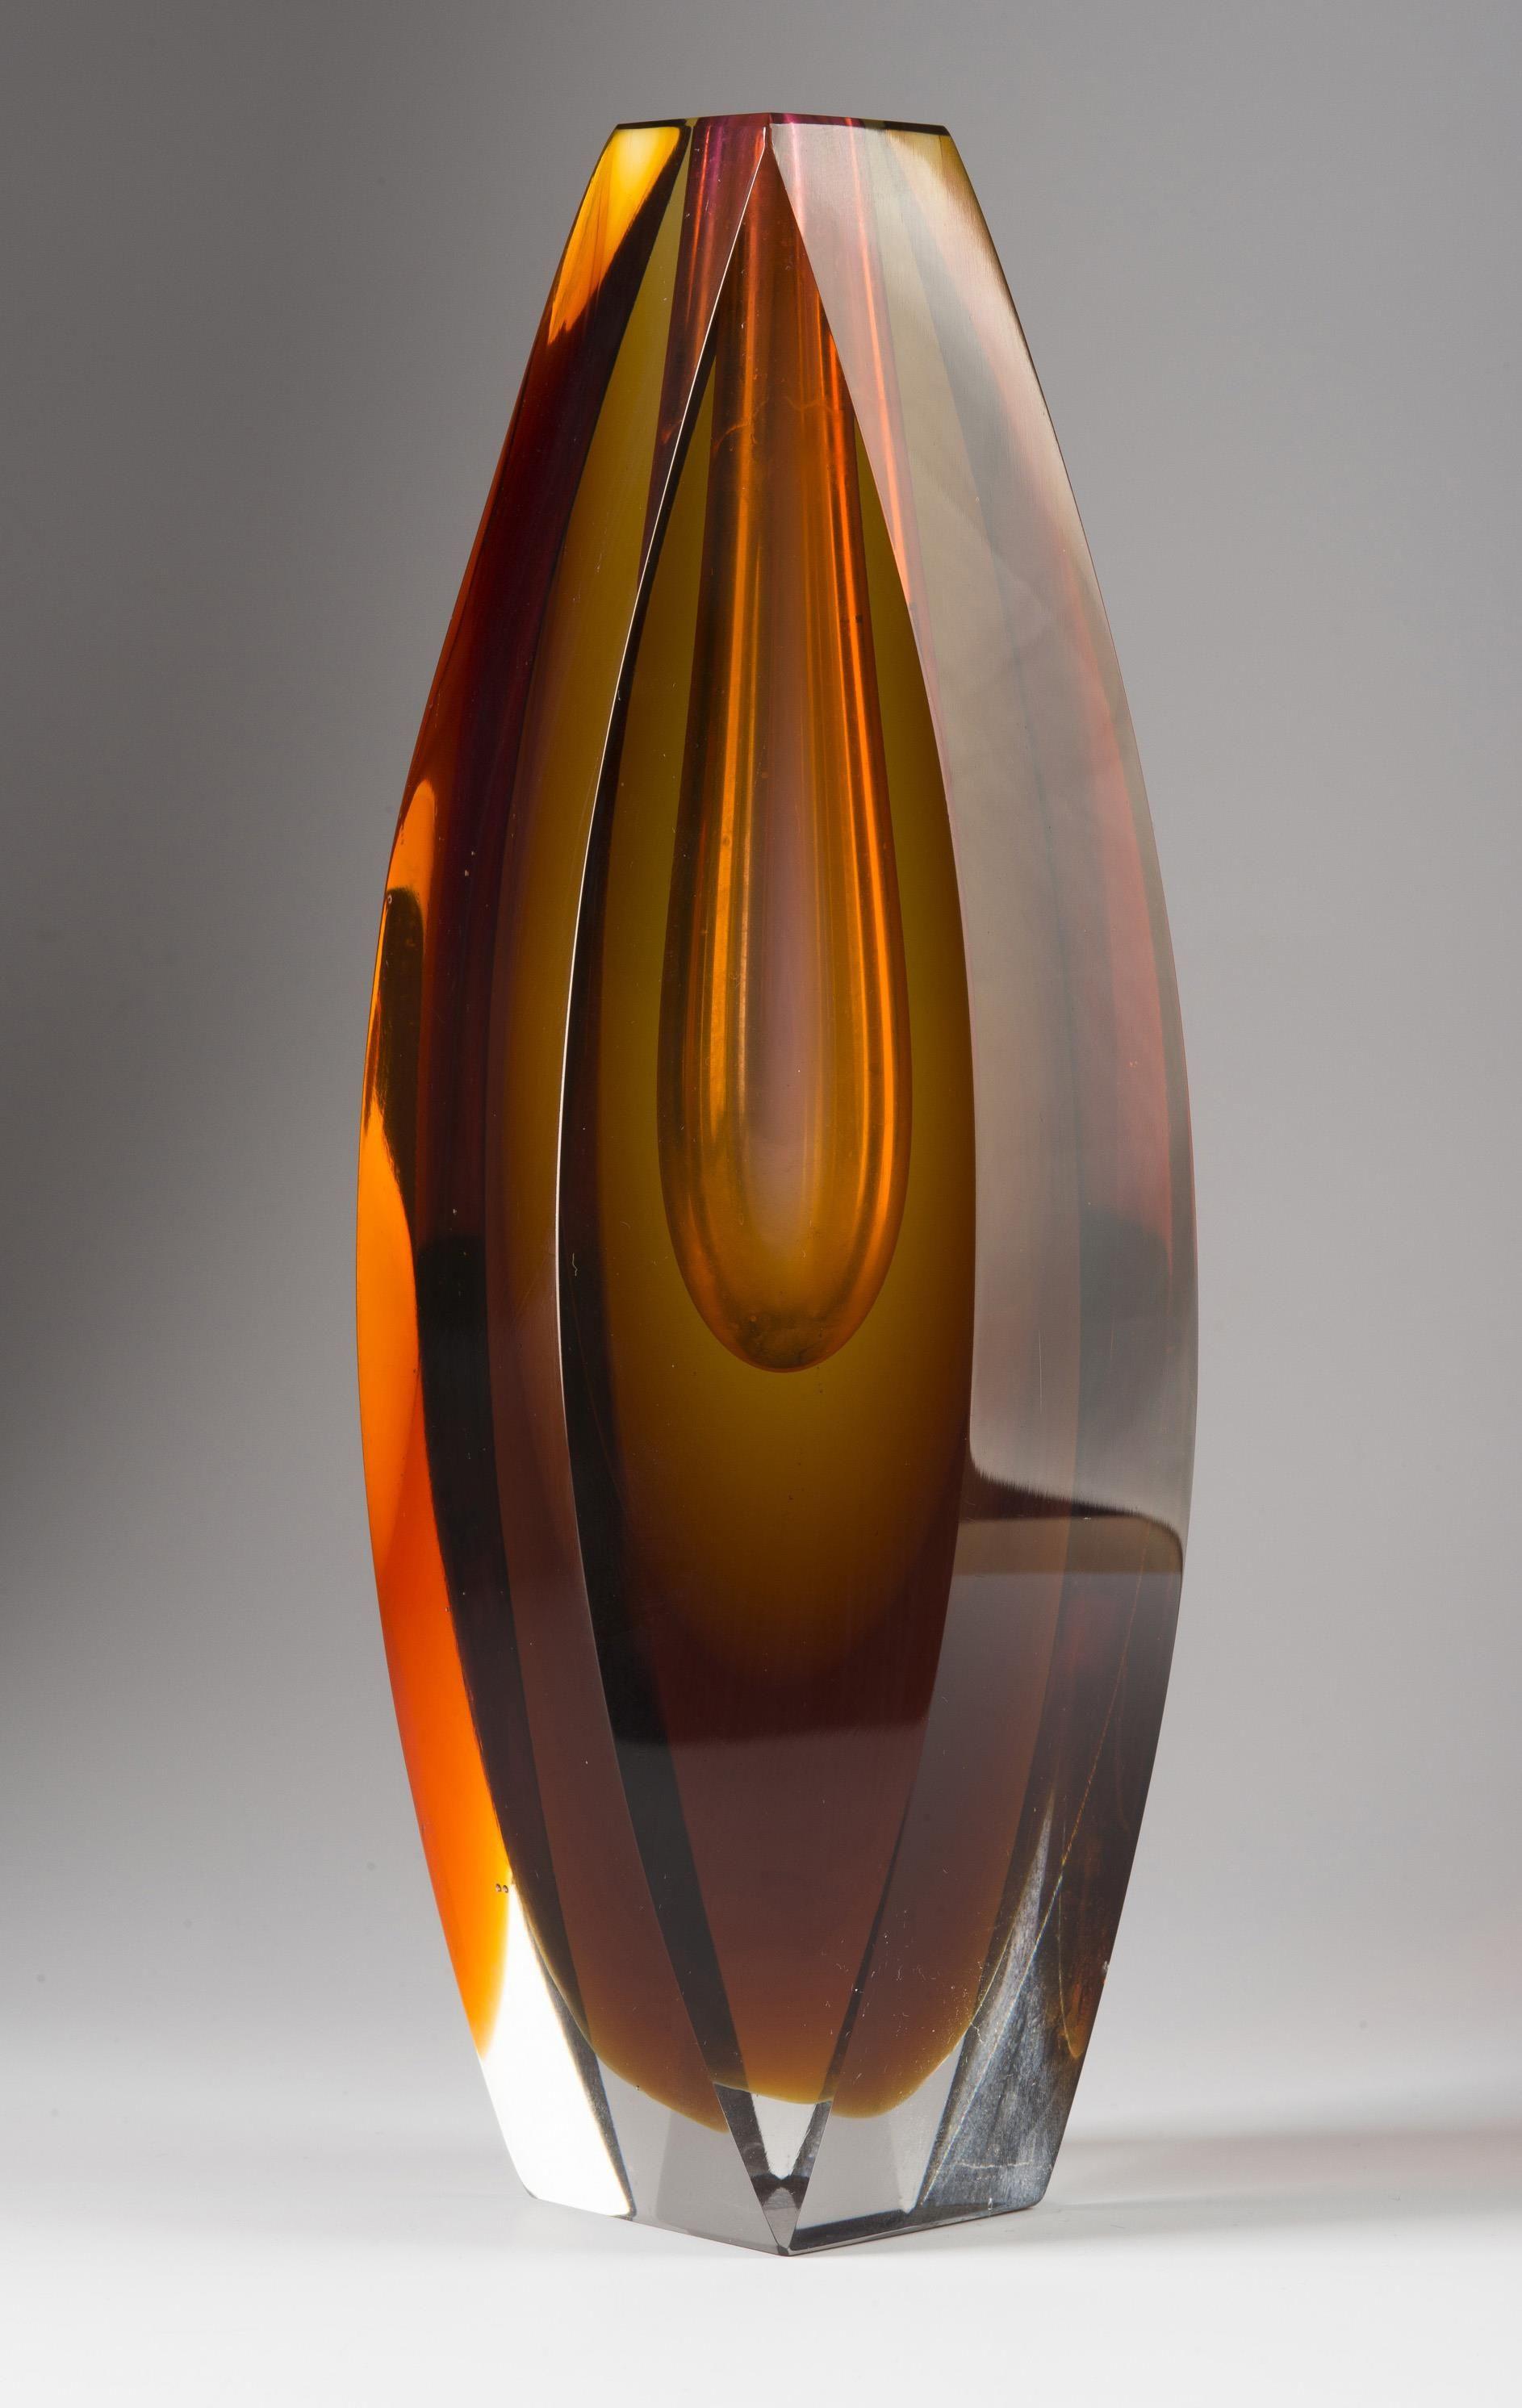 italian blown glass vase of jan kotik sommerso glass vase 60s h 225 cm glassworks zelezny within jan kotik sommerso glass vase 60s h 225 cm glassworks zelezny brod eisenbrod czechoslovakia